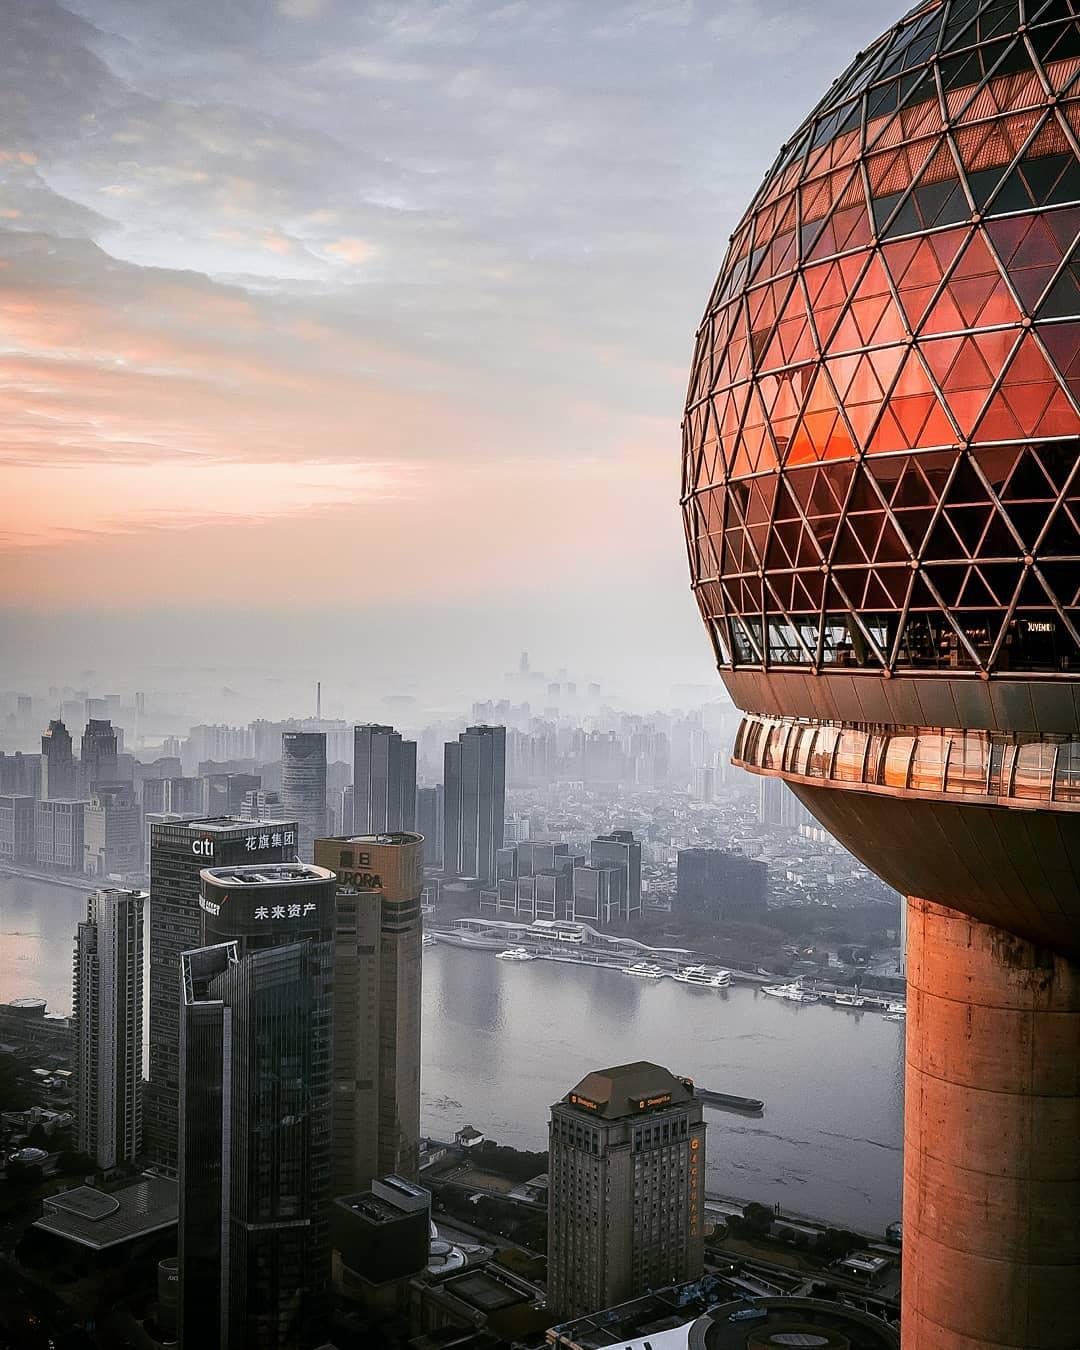 mark-siegemund-shanghai-moss-and-fog-8